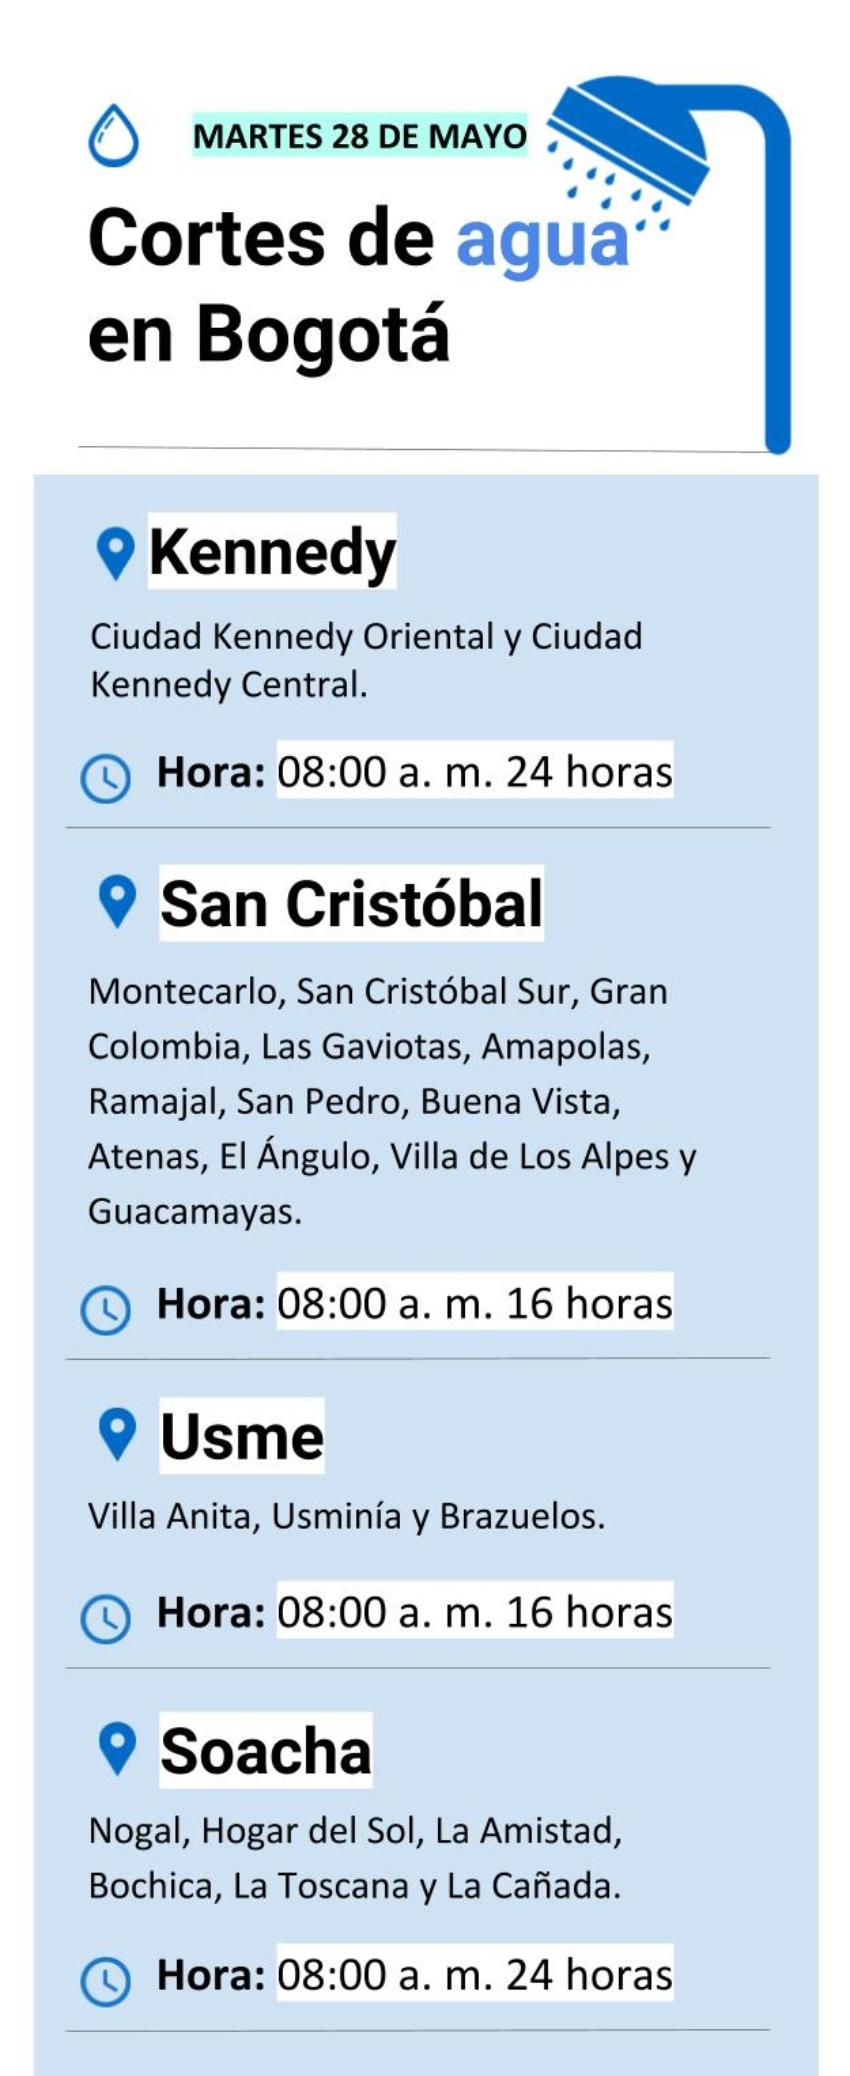 Cortes de agua en Bogotá martes 28 de mayo